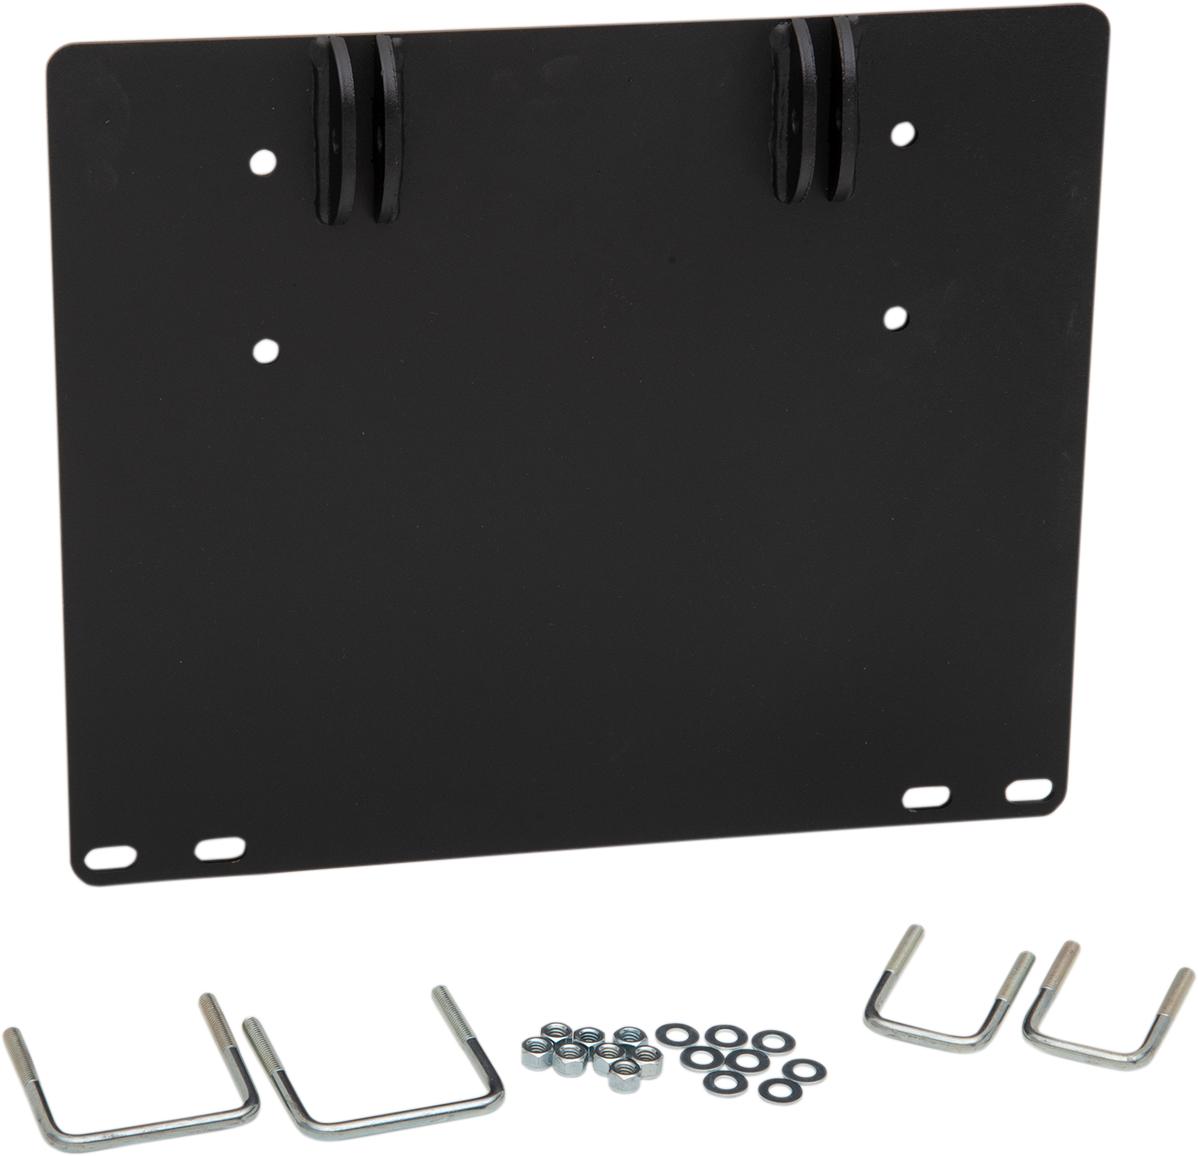 Moose Utility UTV Black Steel Snow Plow Mounting Plate 2020 Honda Pioneer 500